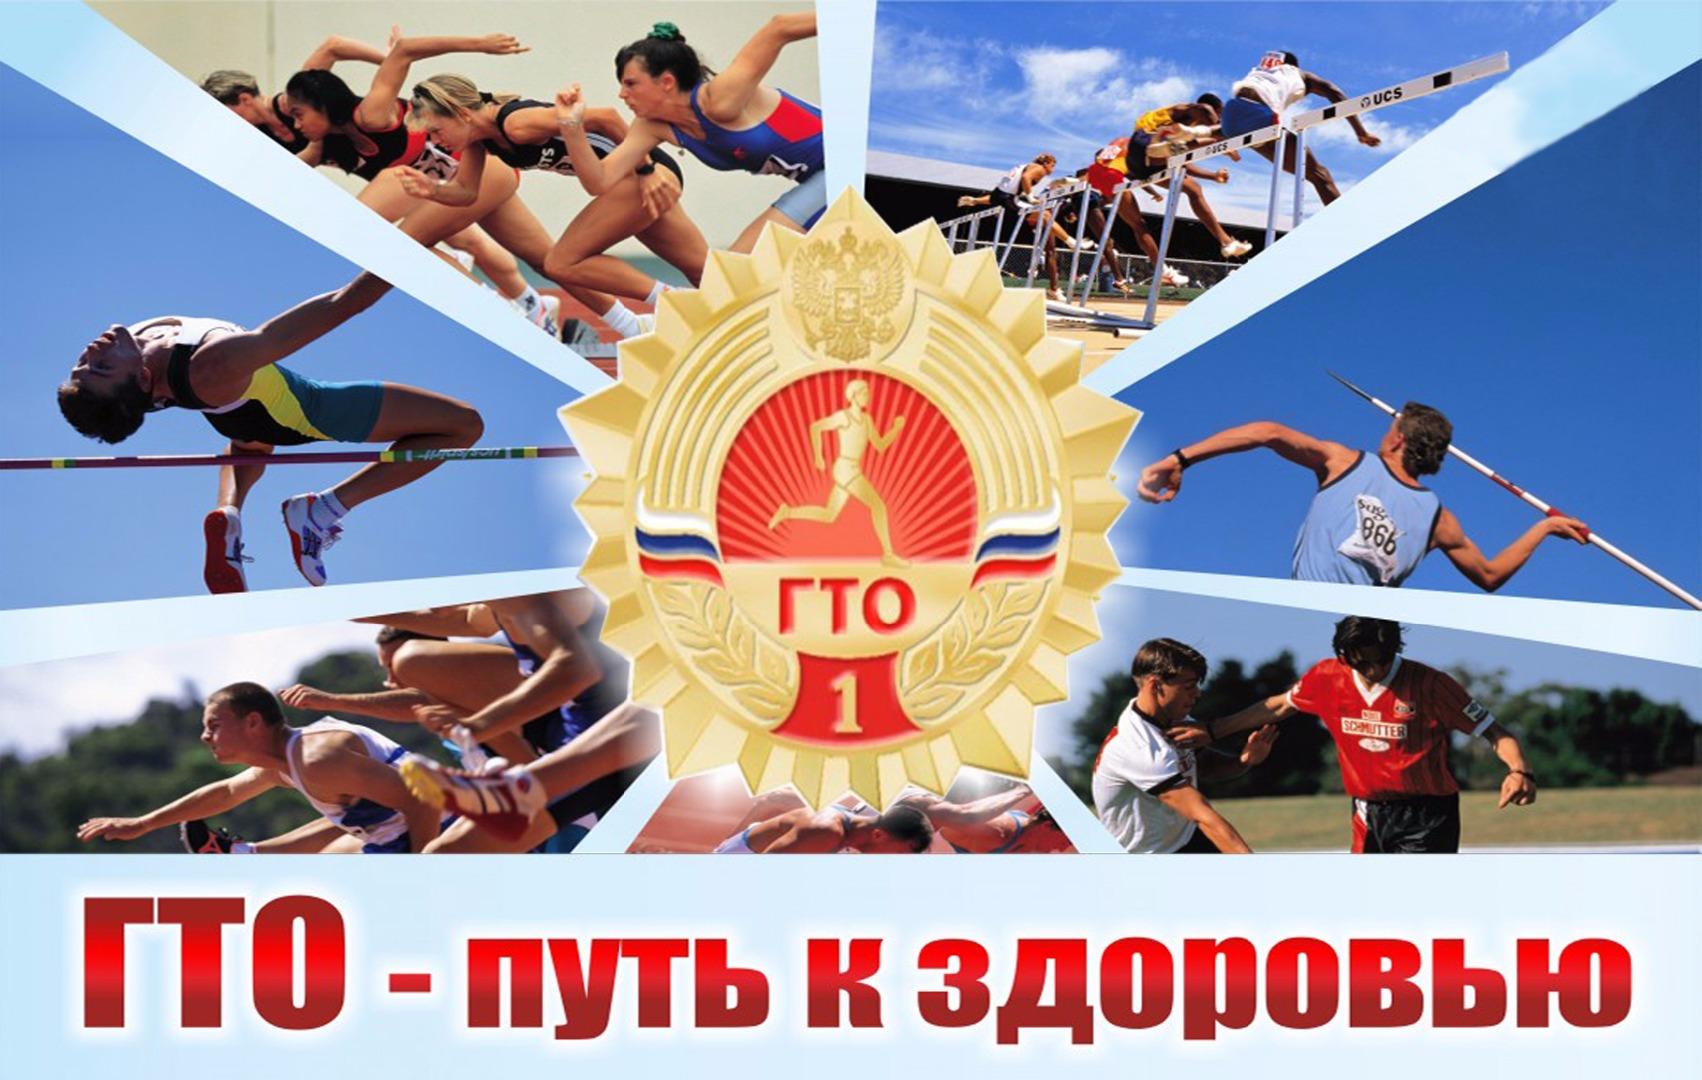 Арсентьевская школа присоединилась к выполнению нормативов ГТО